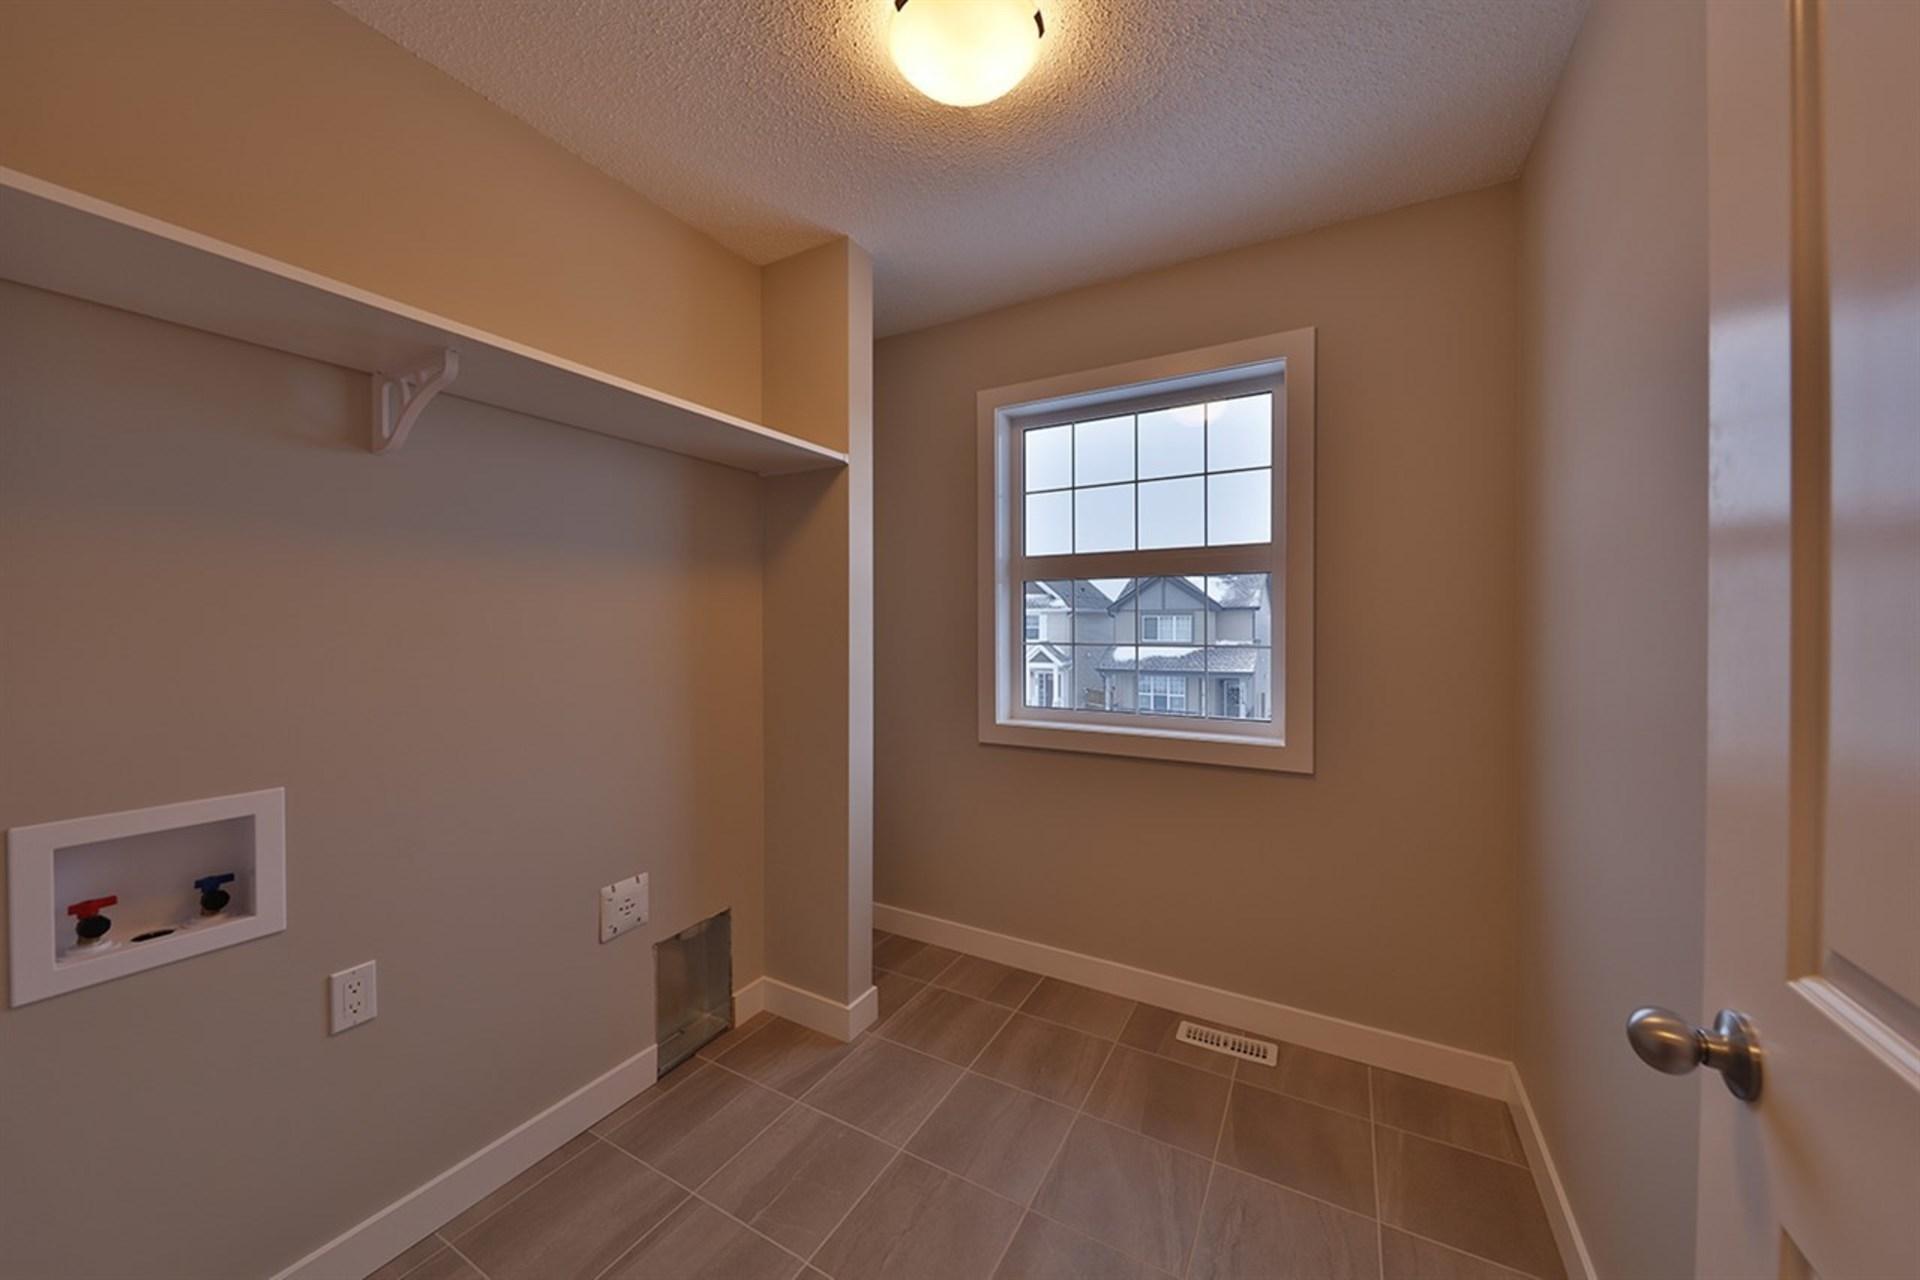 18119-76-street-crystallina-nera-west-edmonton-17 at 18119 76 Street, Crystallina Nera West, Edmonton